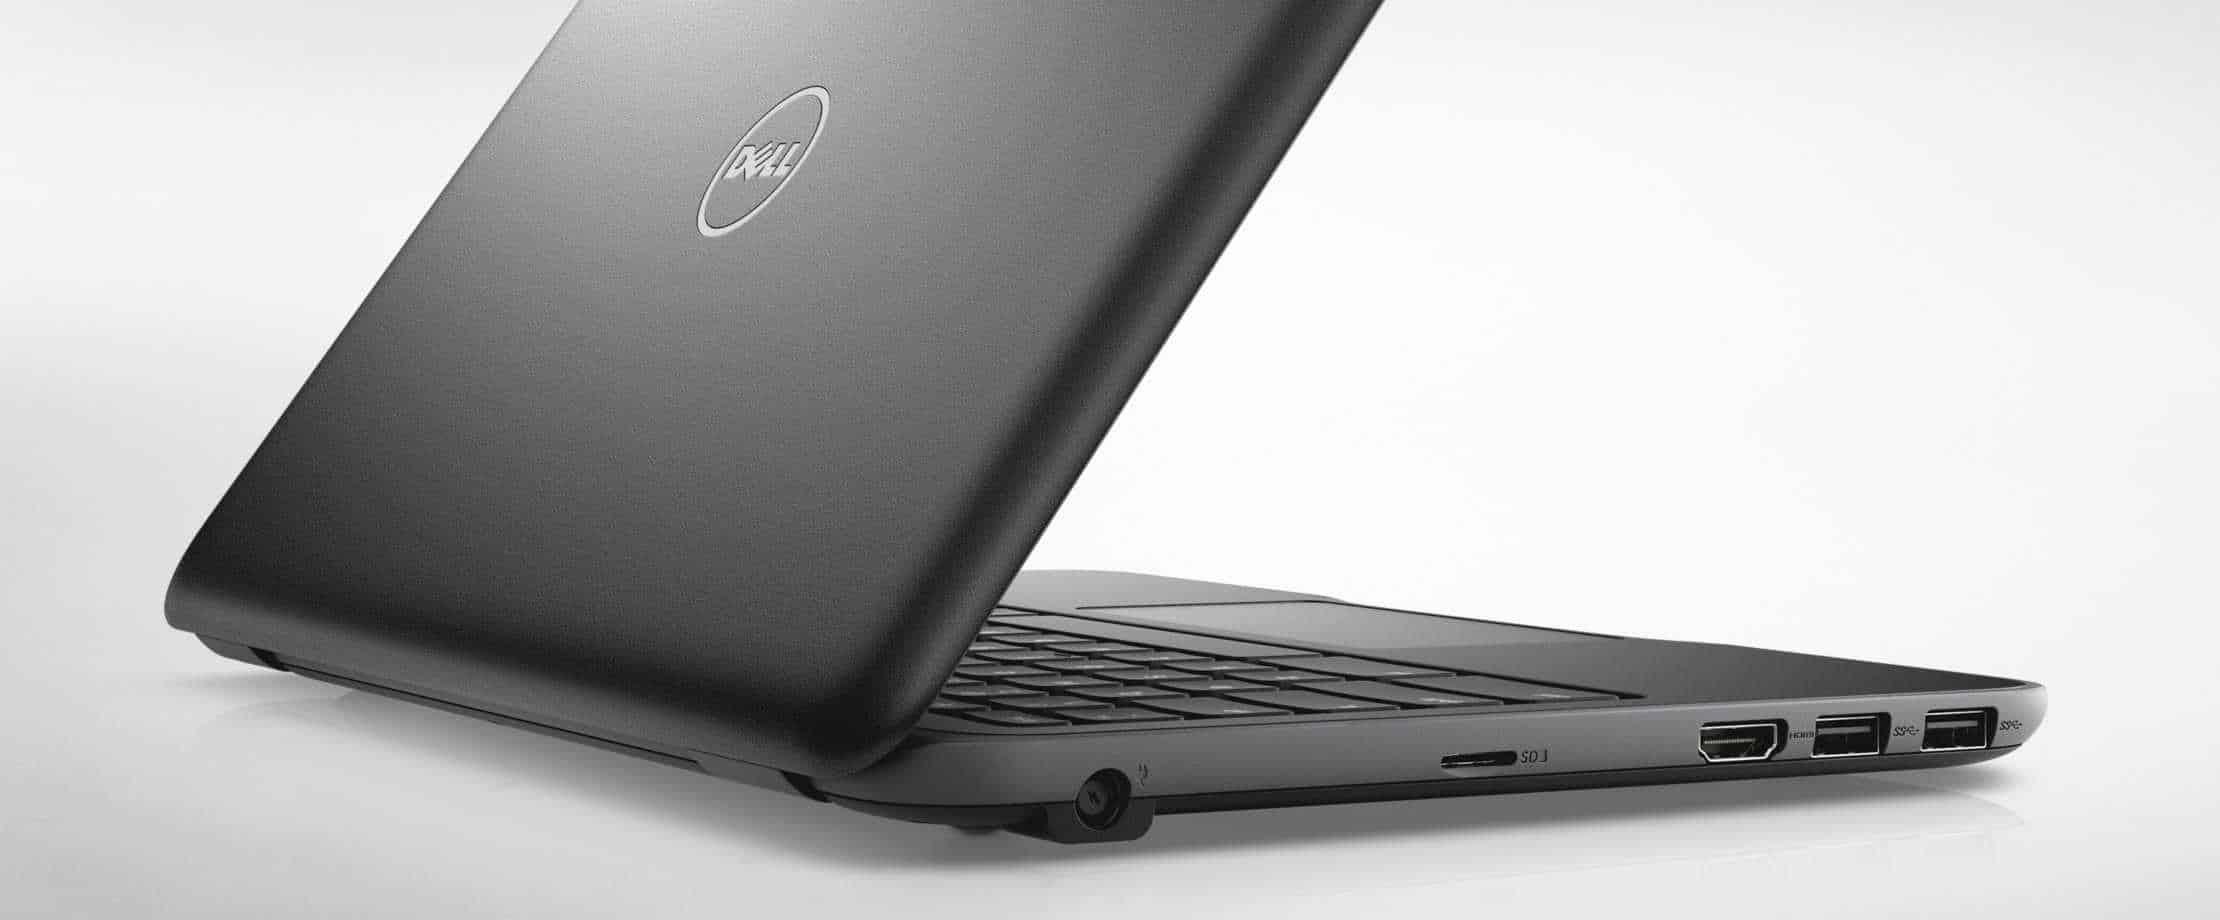 Dell Inspiron Chromebook 11 Press Image 01